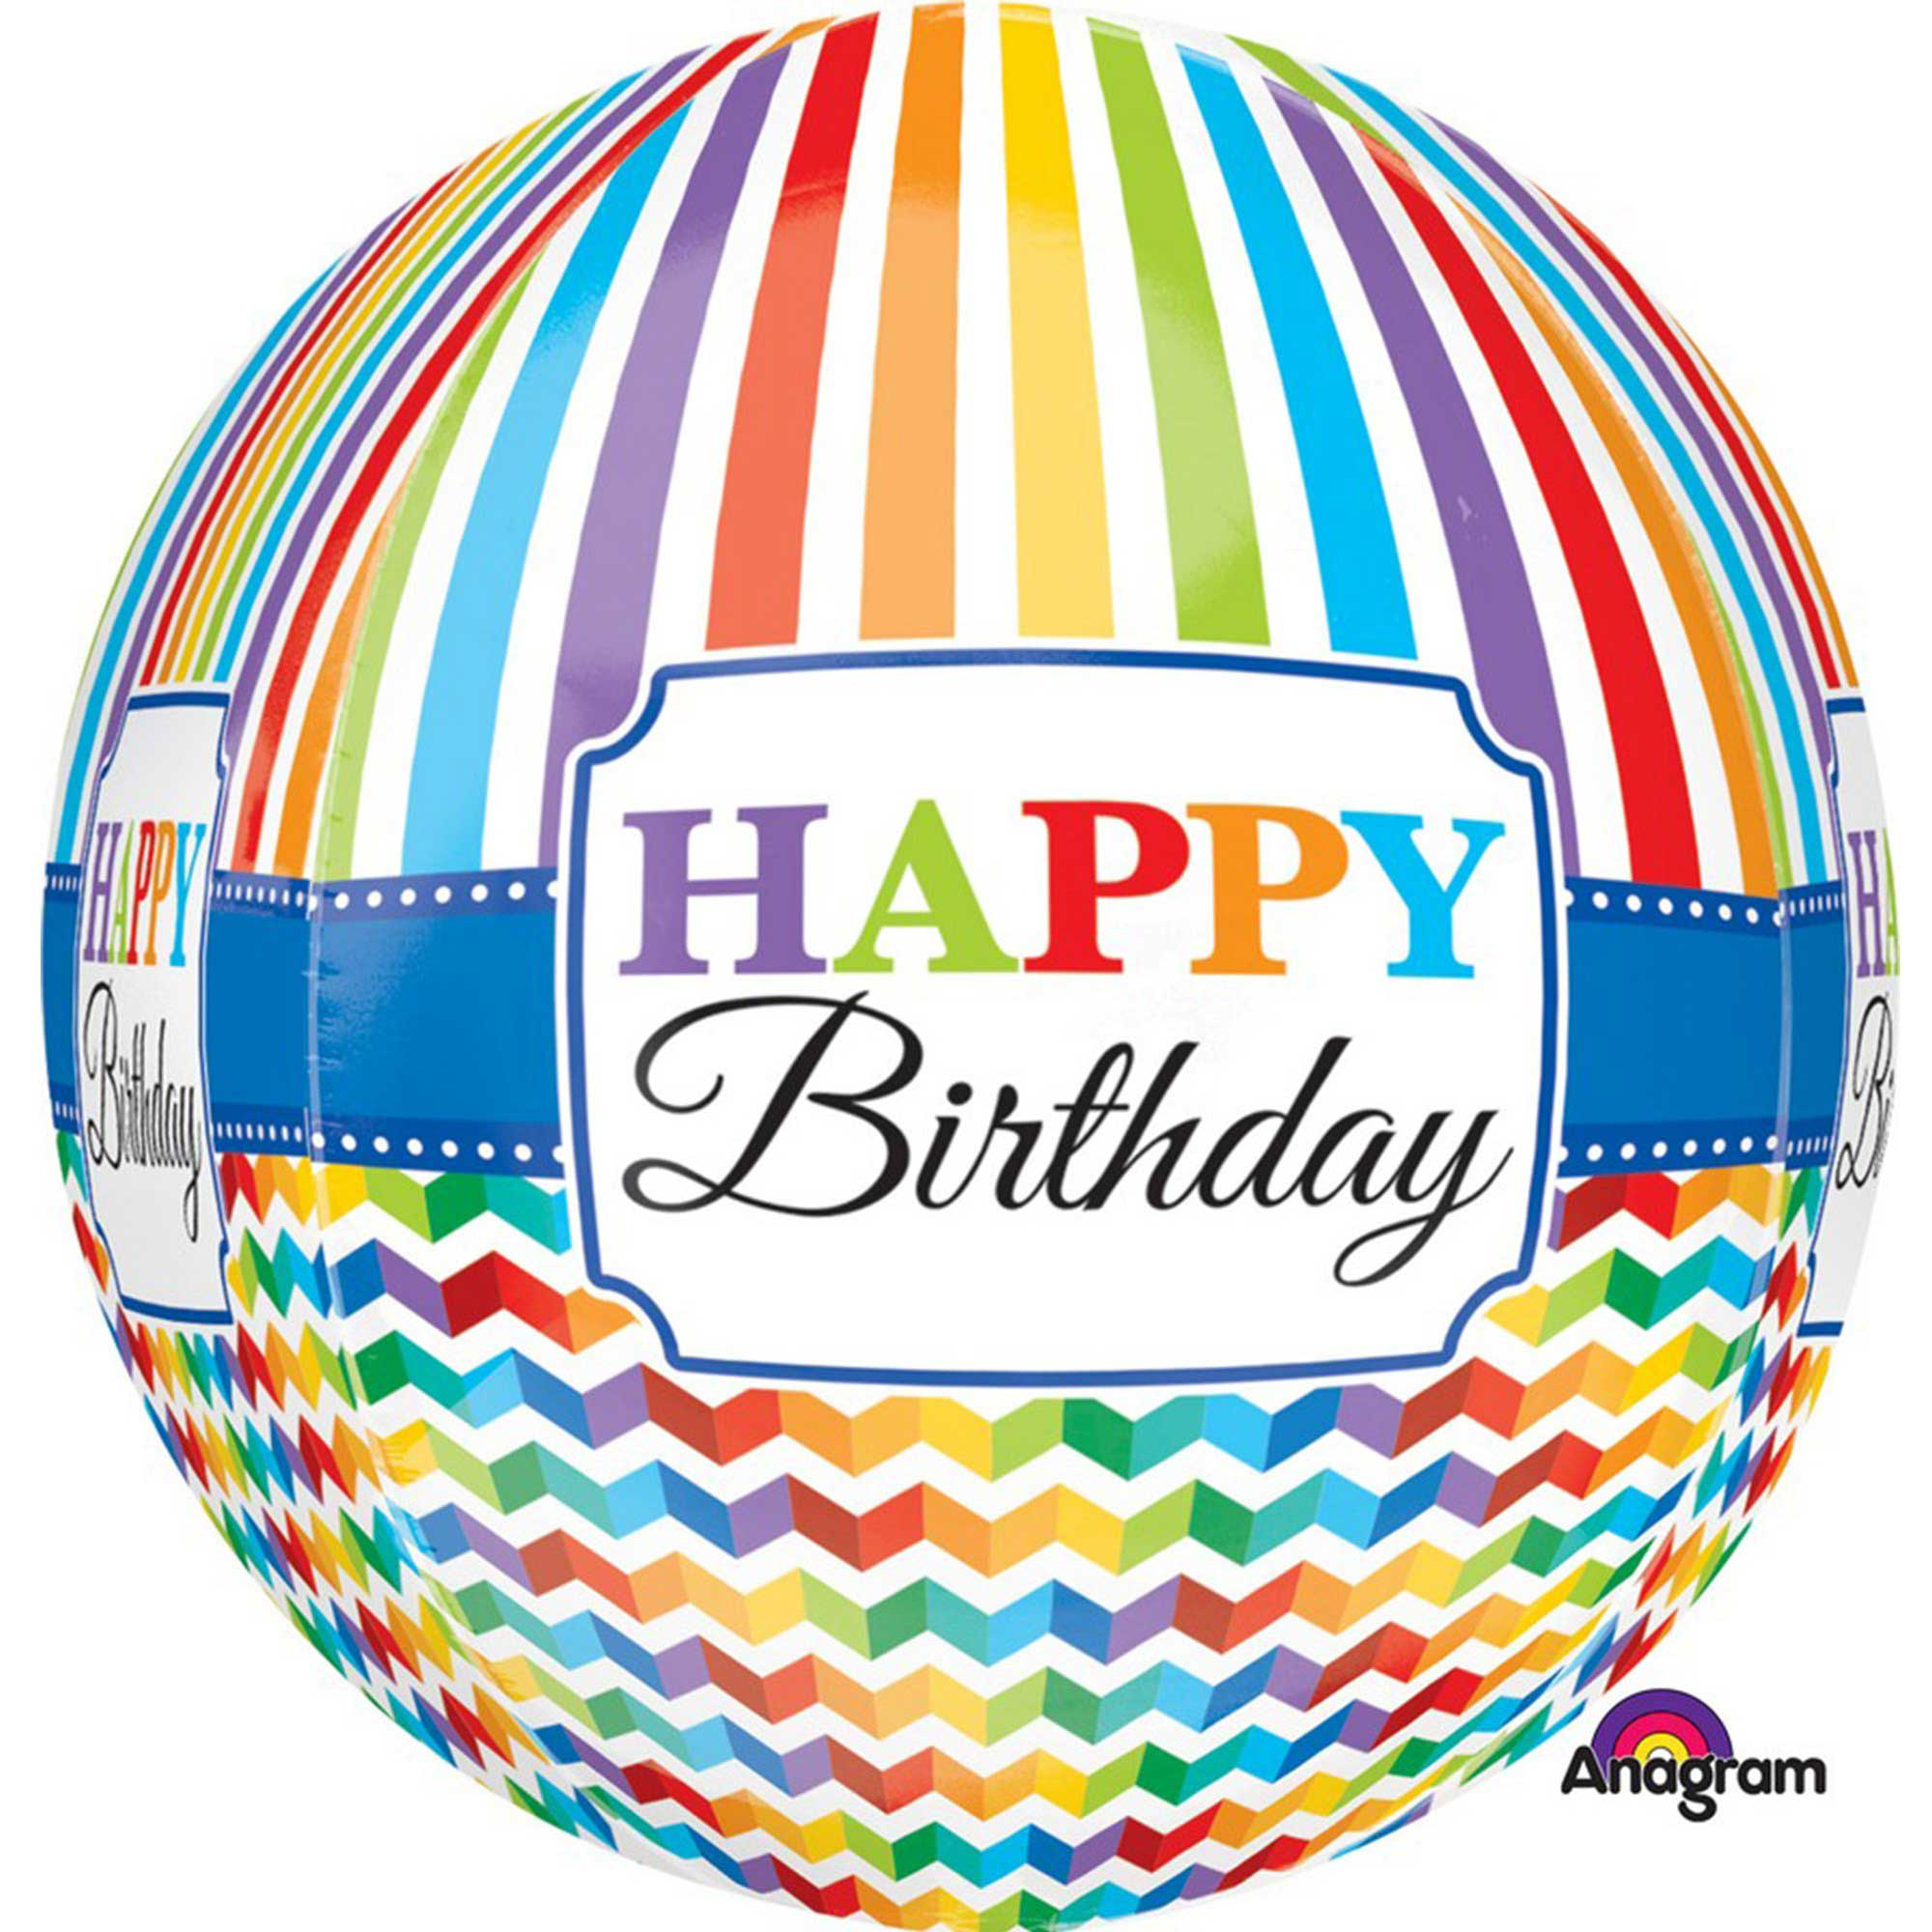 Orbz XL Happy Birthday Bright Stripe & Chevron G20